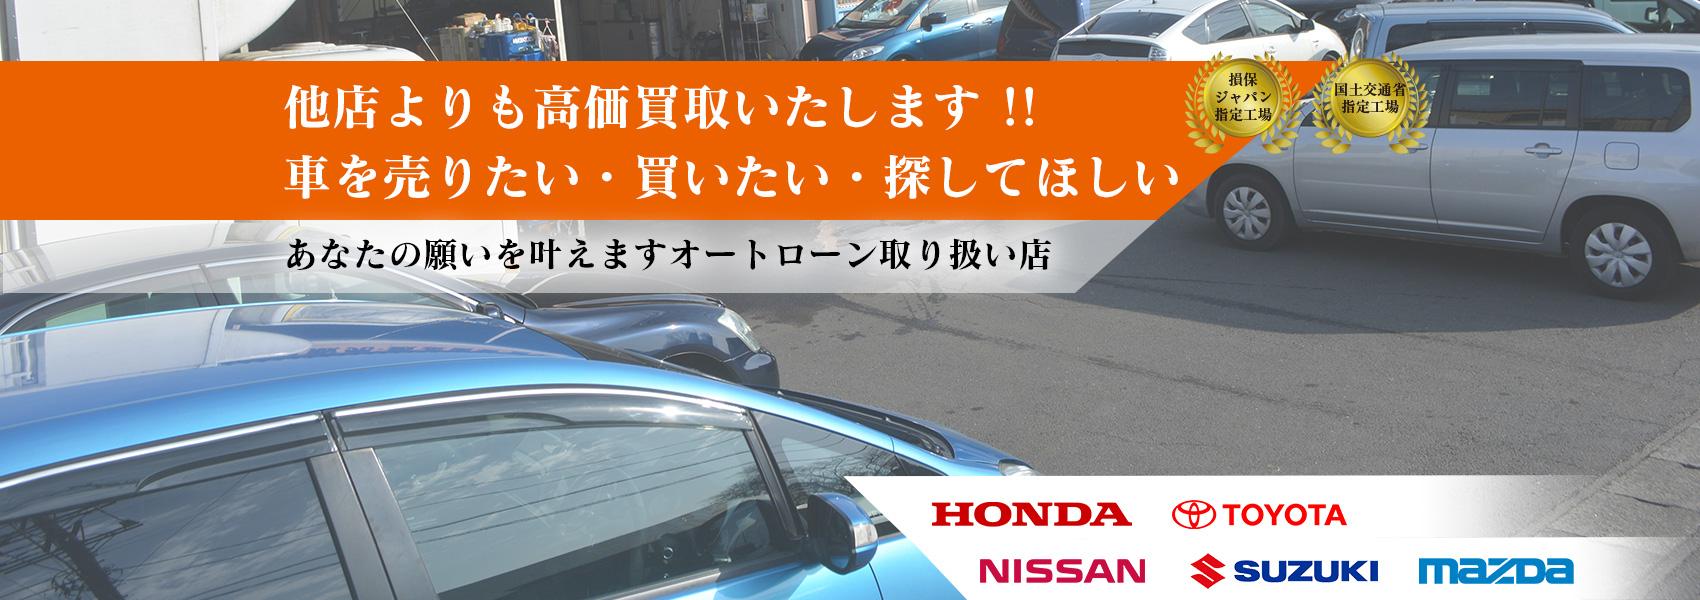 他社よりも高価買取いたします!! 車を売りたい・買いたい・探してほしい あたなの願いを叶えます オートローン取扱い店 HONDA TOYOTA NISSAN SUZUKI mazda